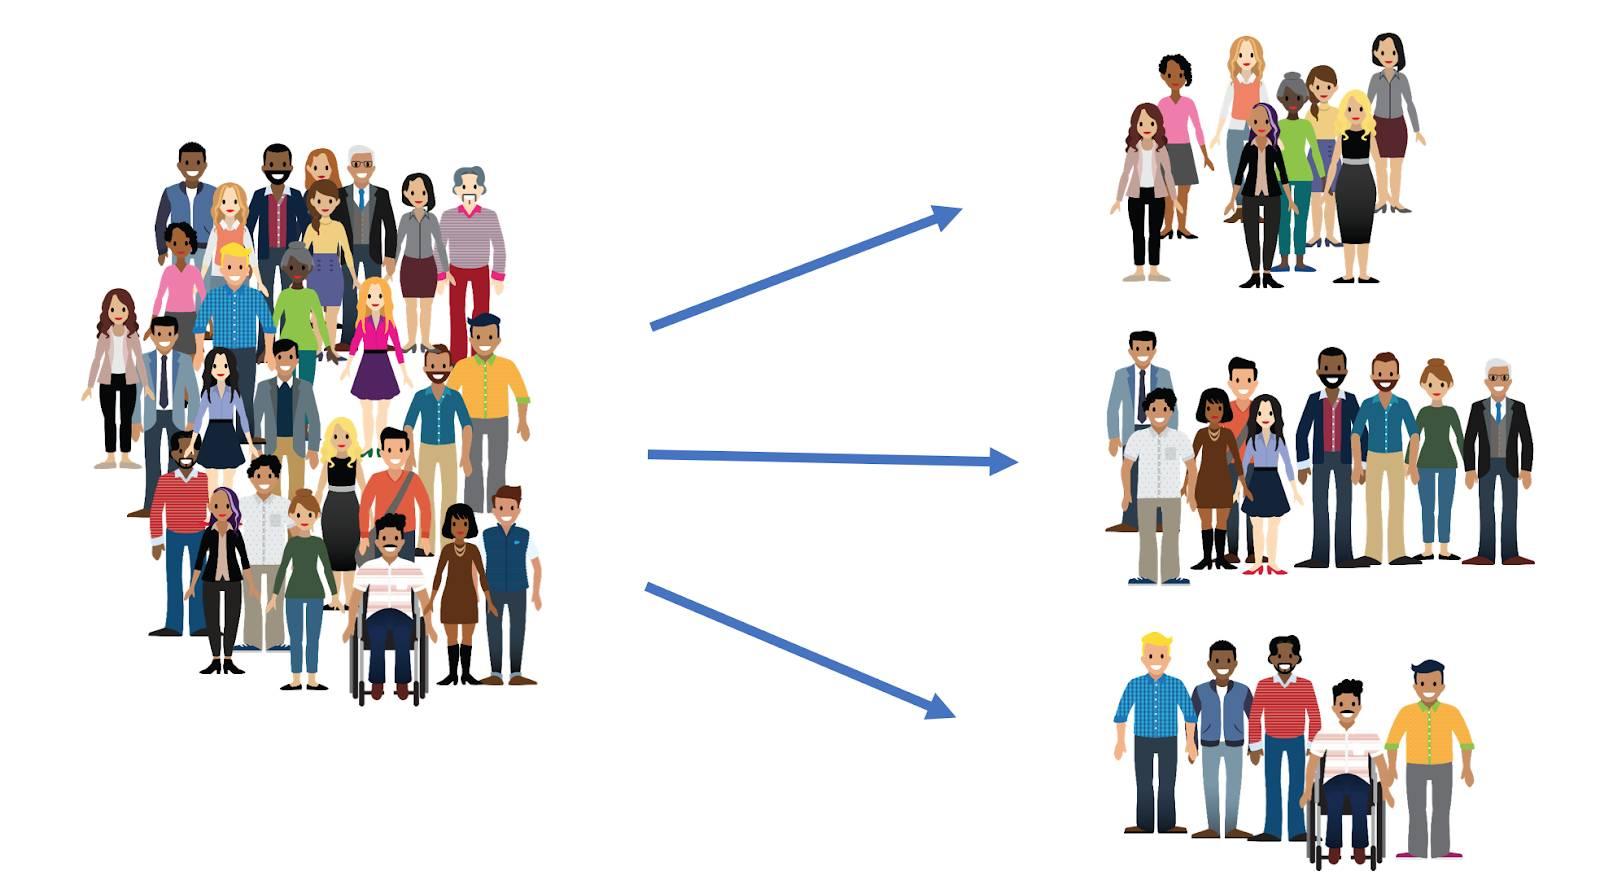 大勢が 3 つの小人数グループ (セグメント) に分類されています。